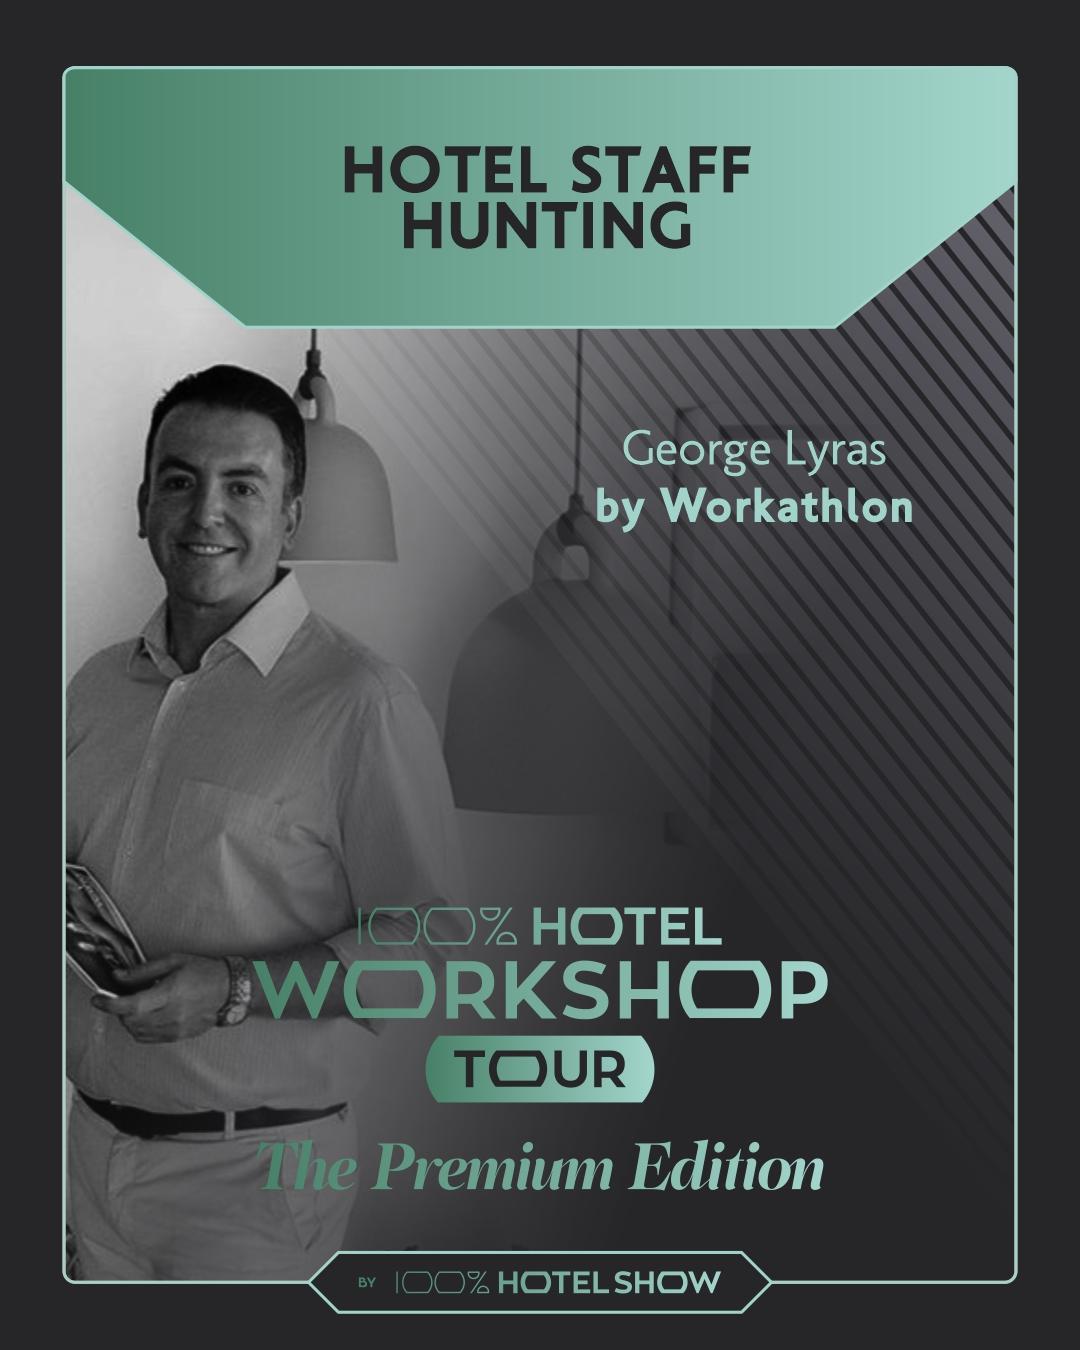 100% Hotel Workshop - Hotelier Academy